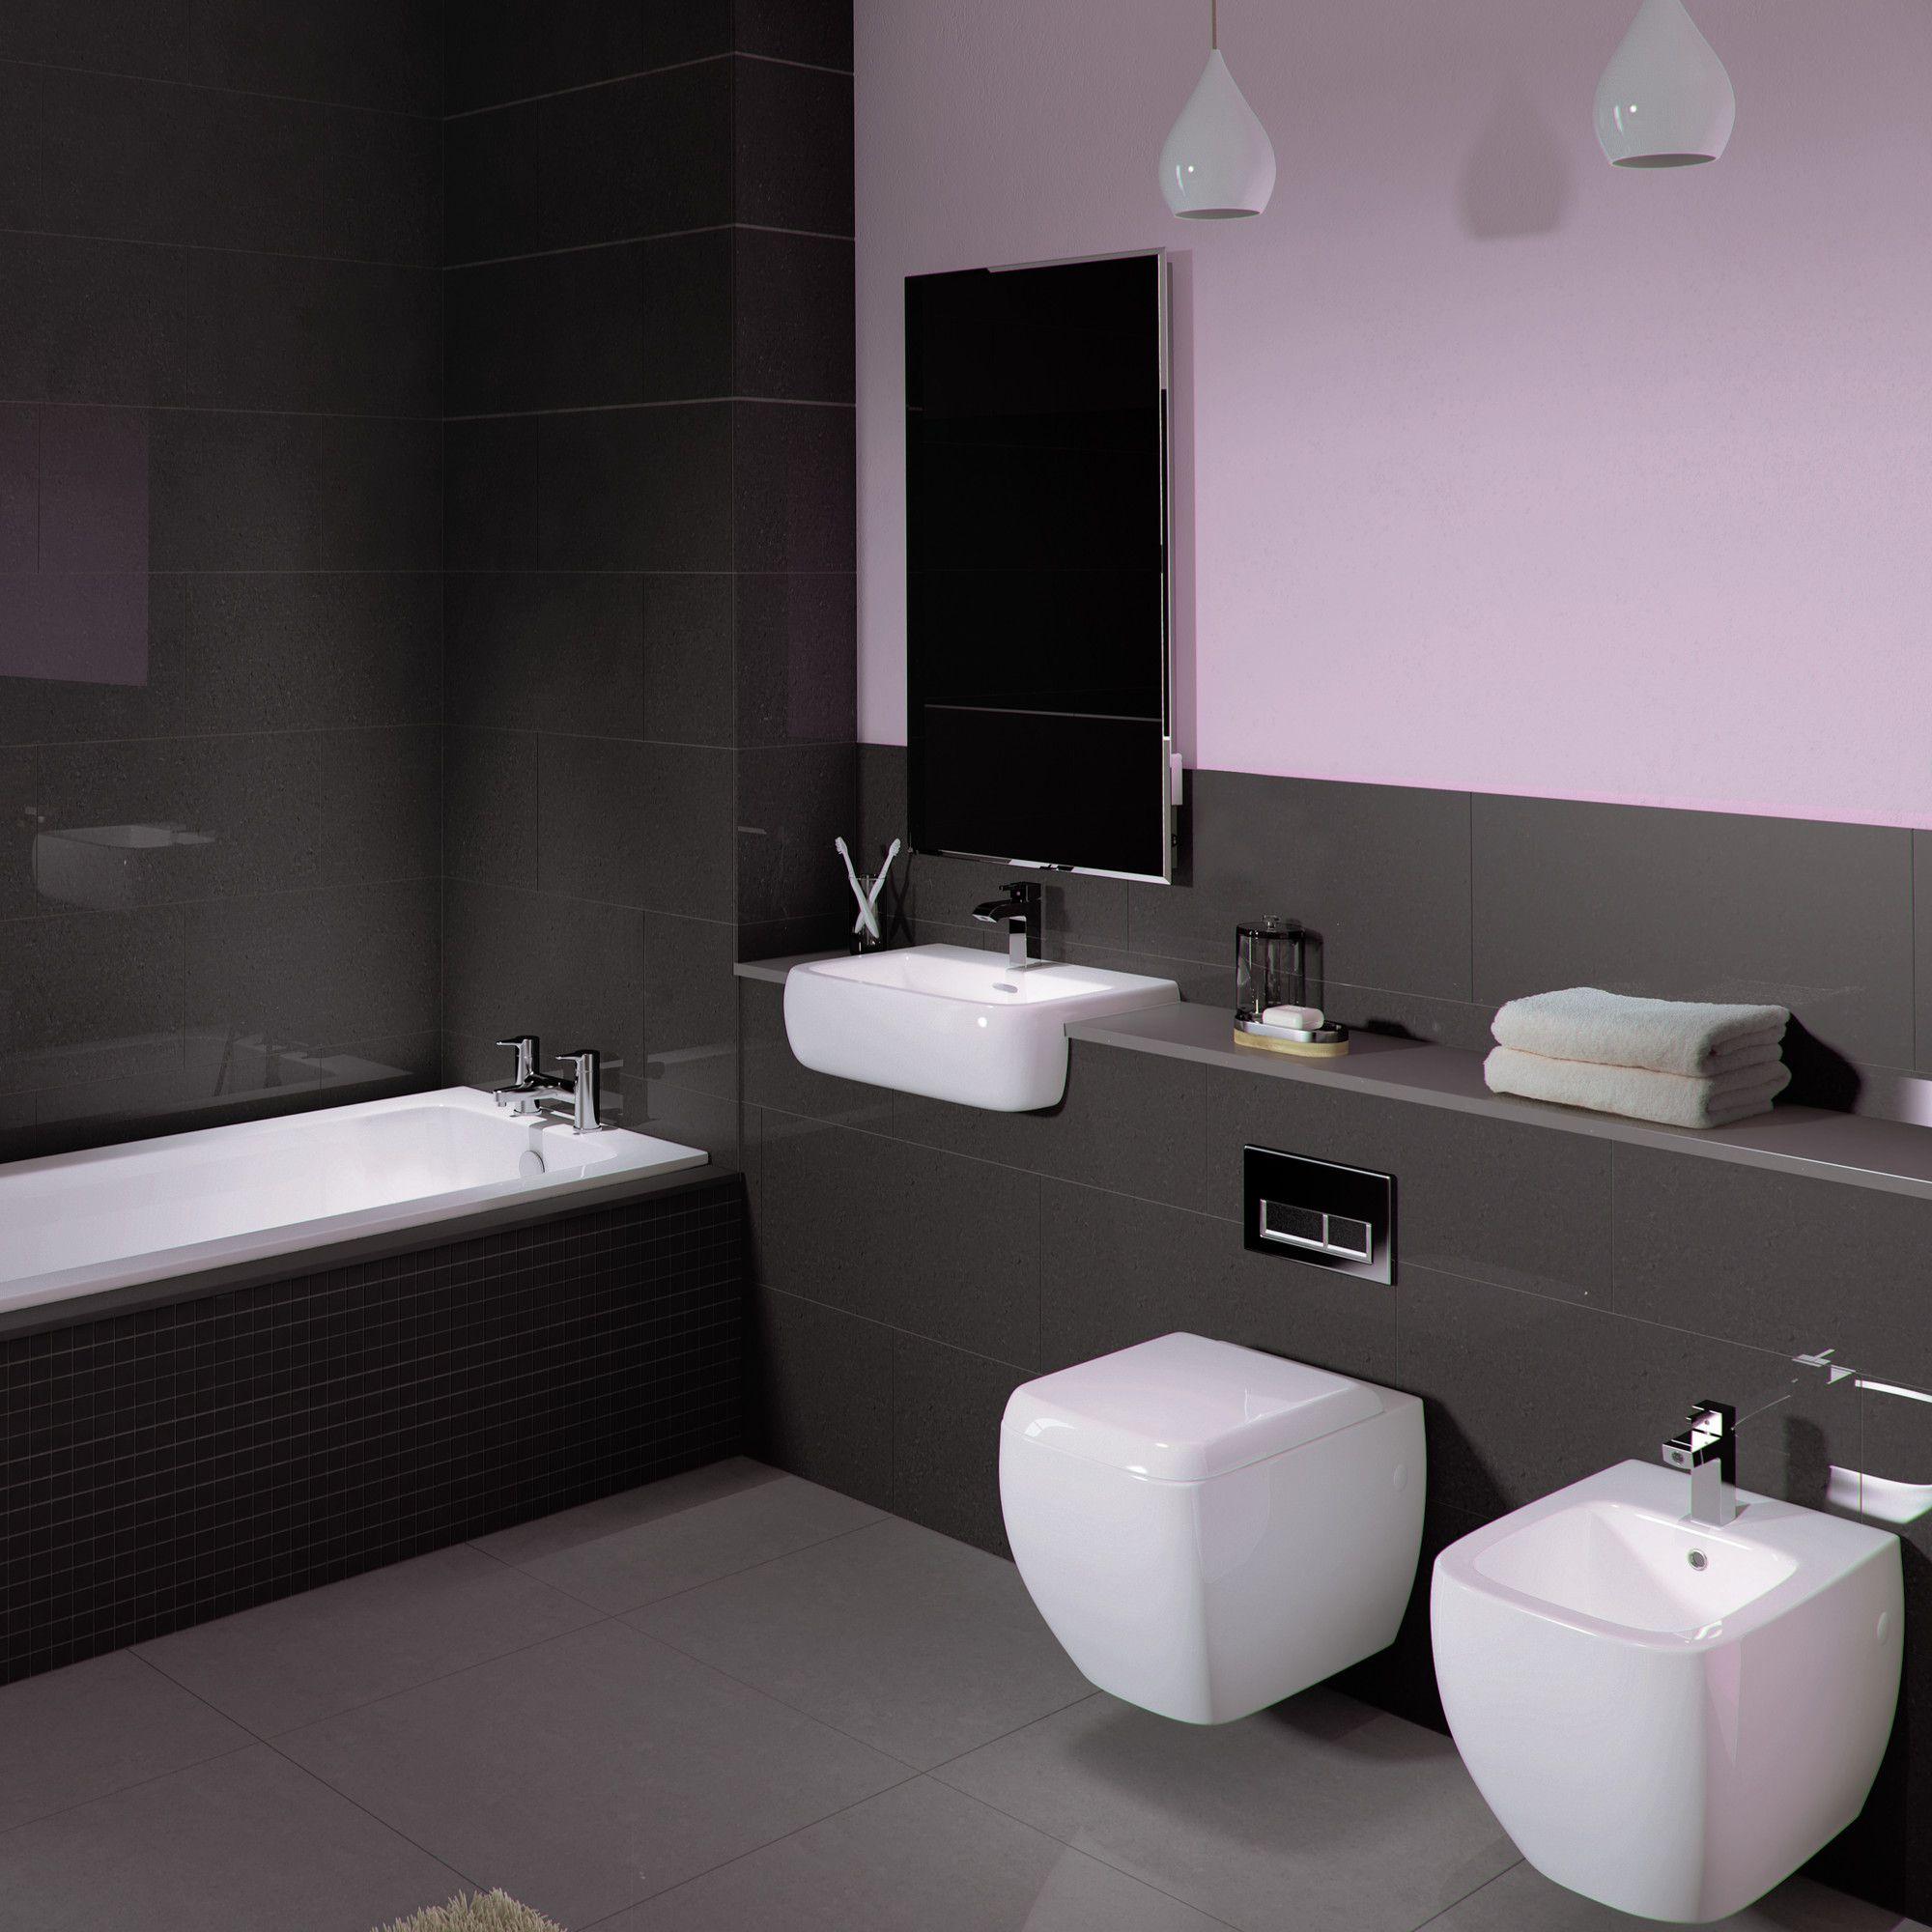 Rak bathroom suites - Rak Ceramics Metropolitan Wall Hung Bathroom Suite Wayfair Uk